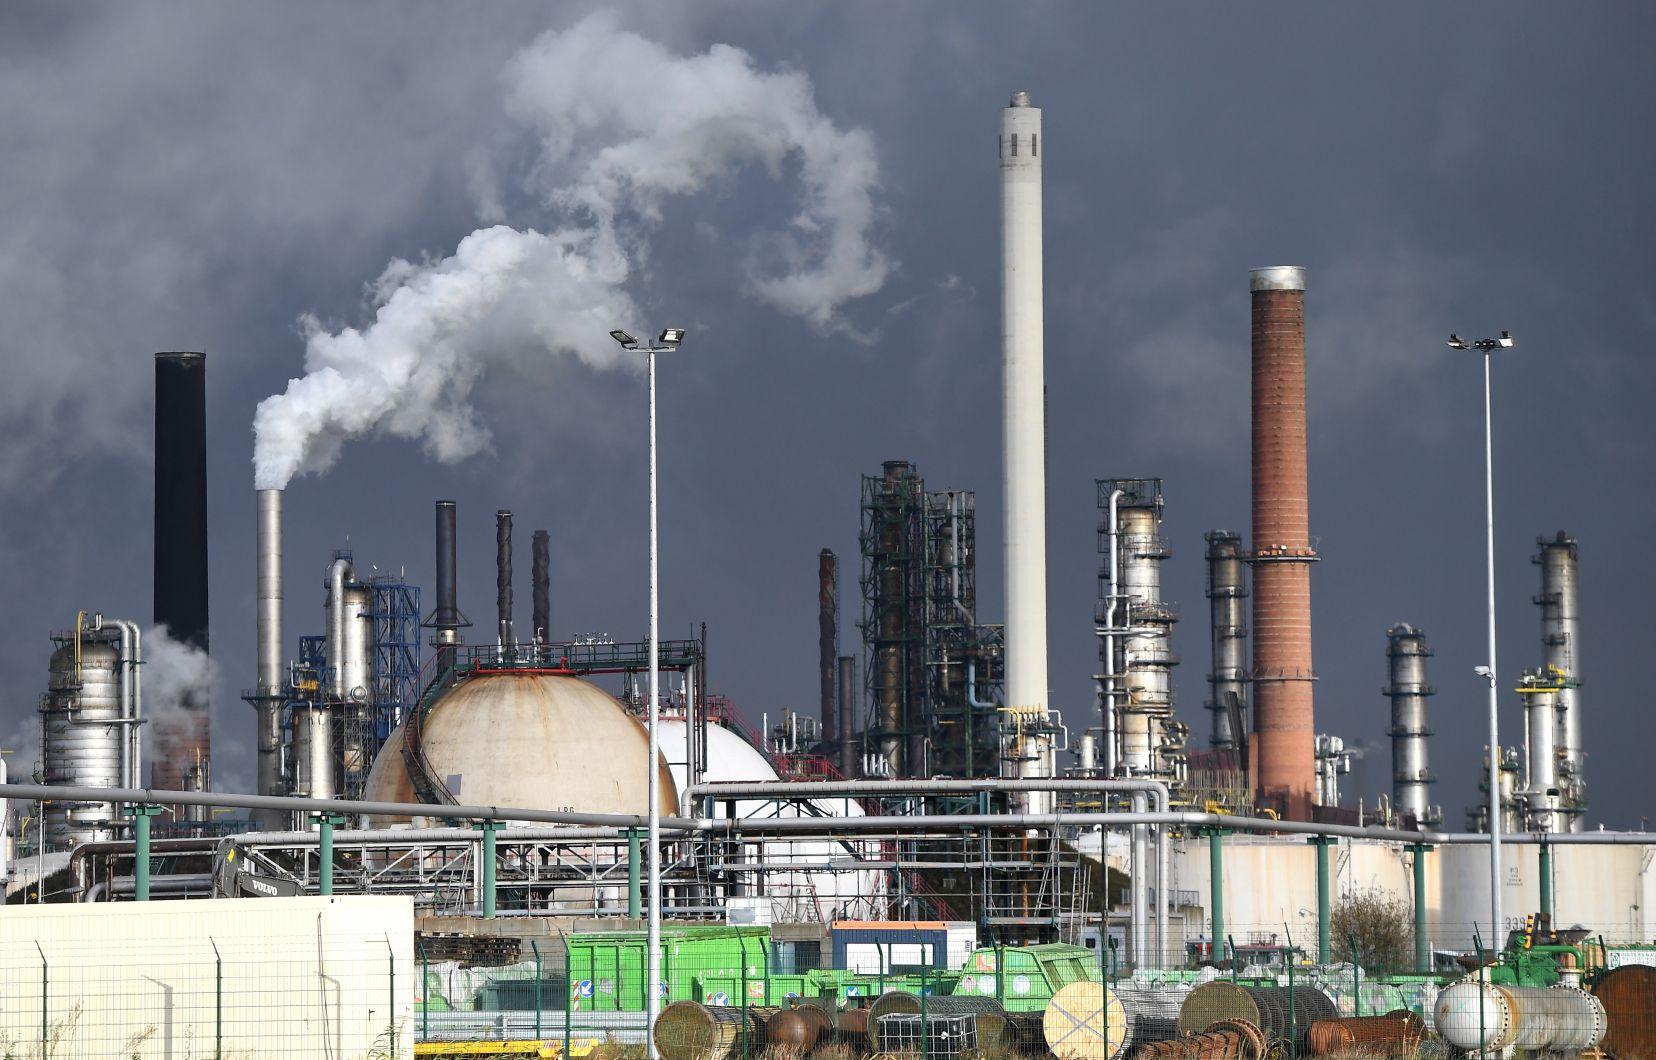 Le méthane a un pouvoir réchauffant 20 fois supérieur à celui du CO2